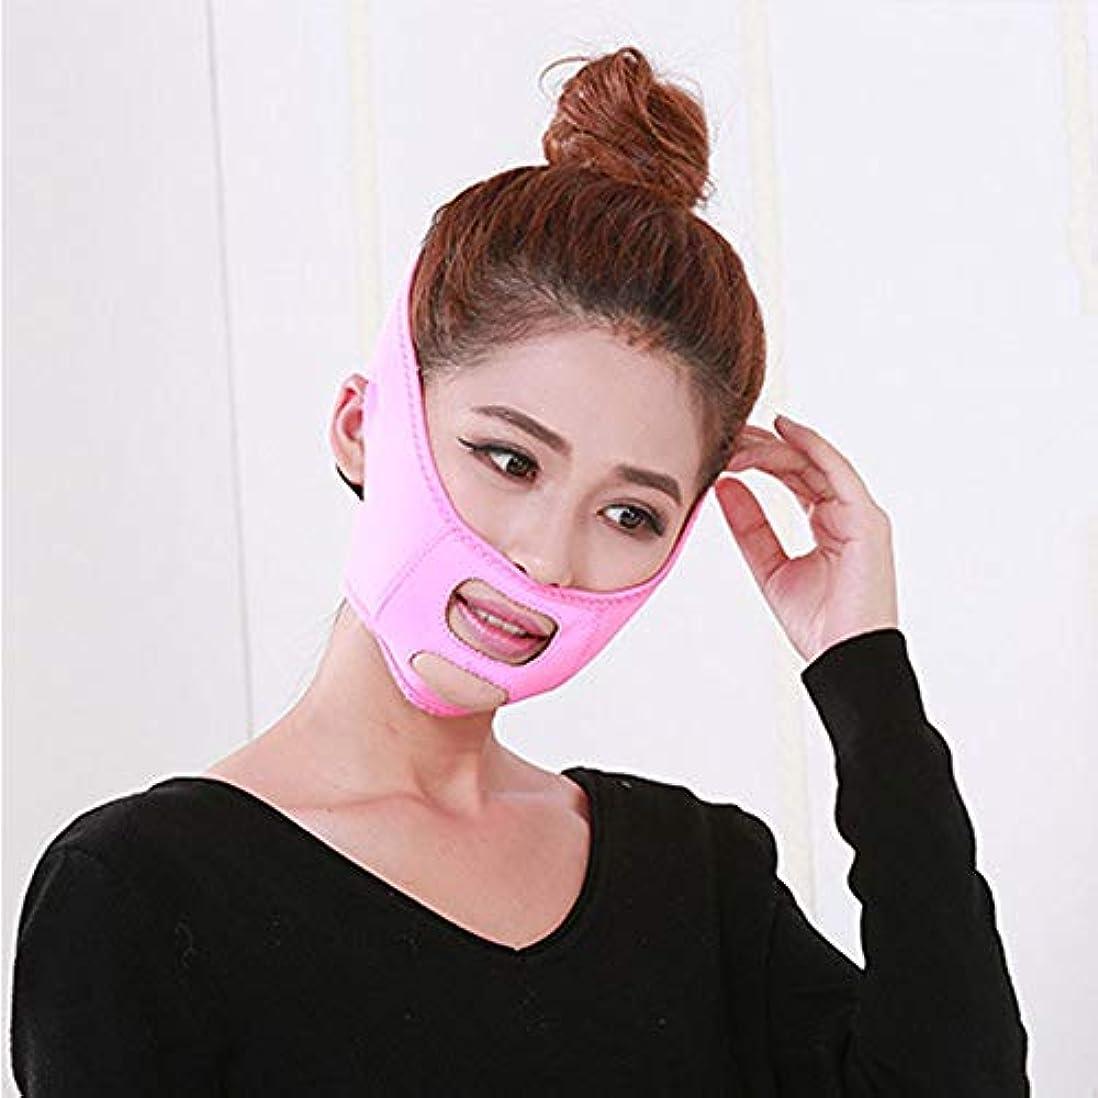 固める品種子供っぽいV顔アーティファクト、あごの頬抗しわ通気性マスク修正3Dフェイスリフティング包帯,Pink